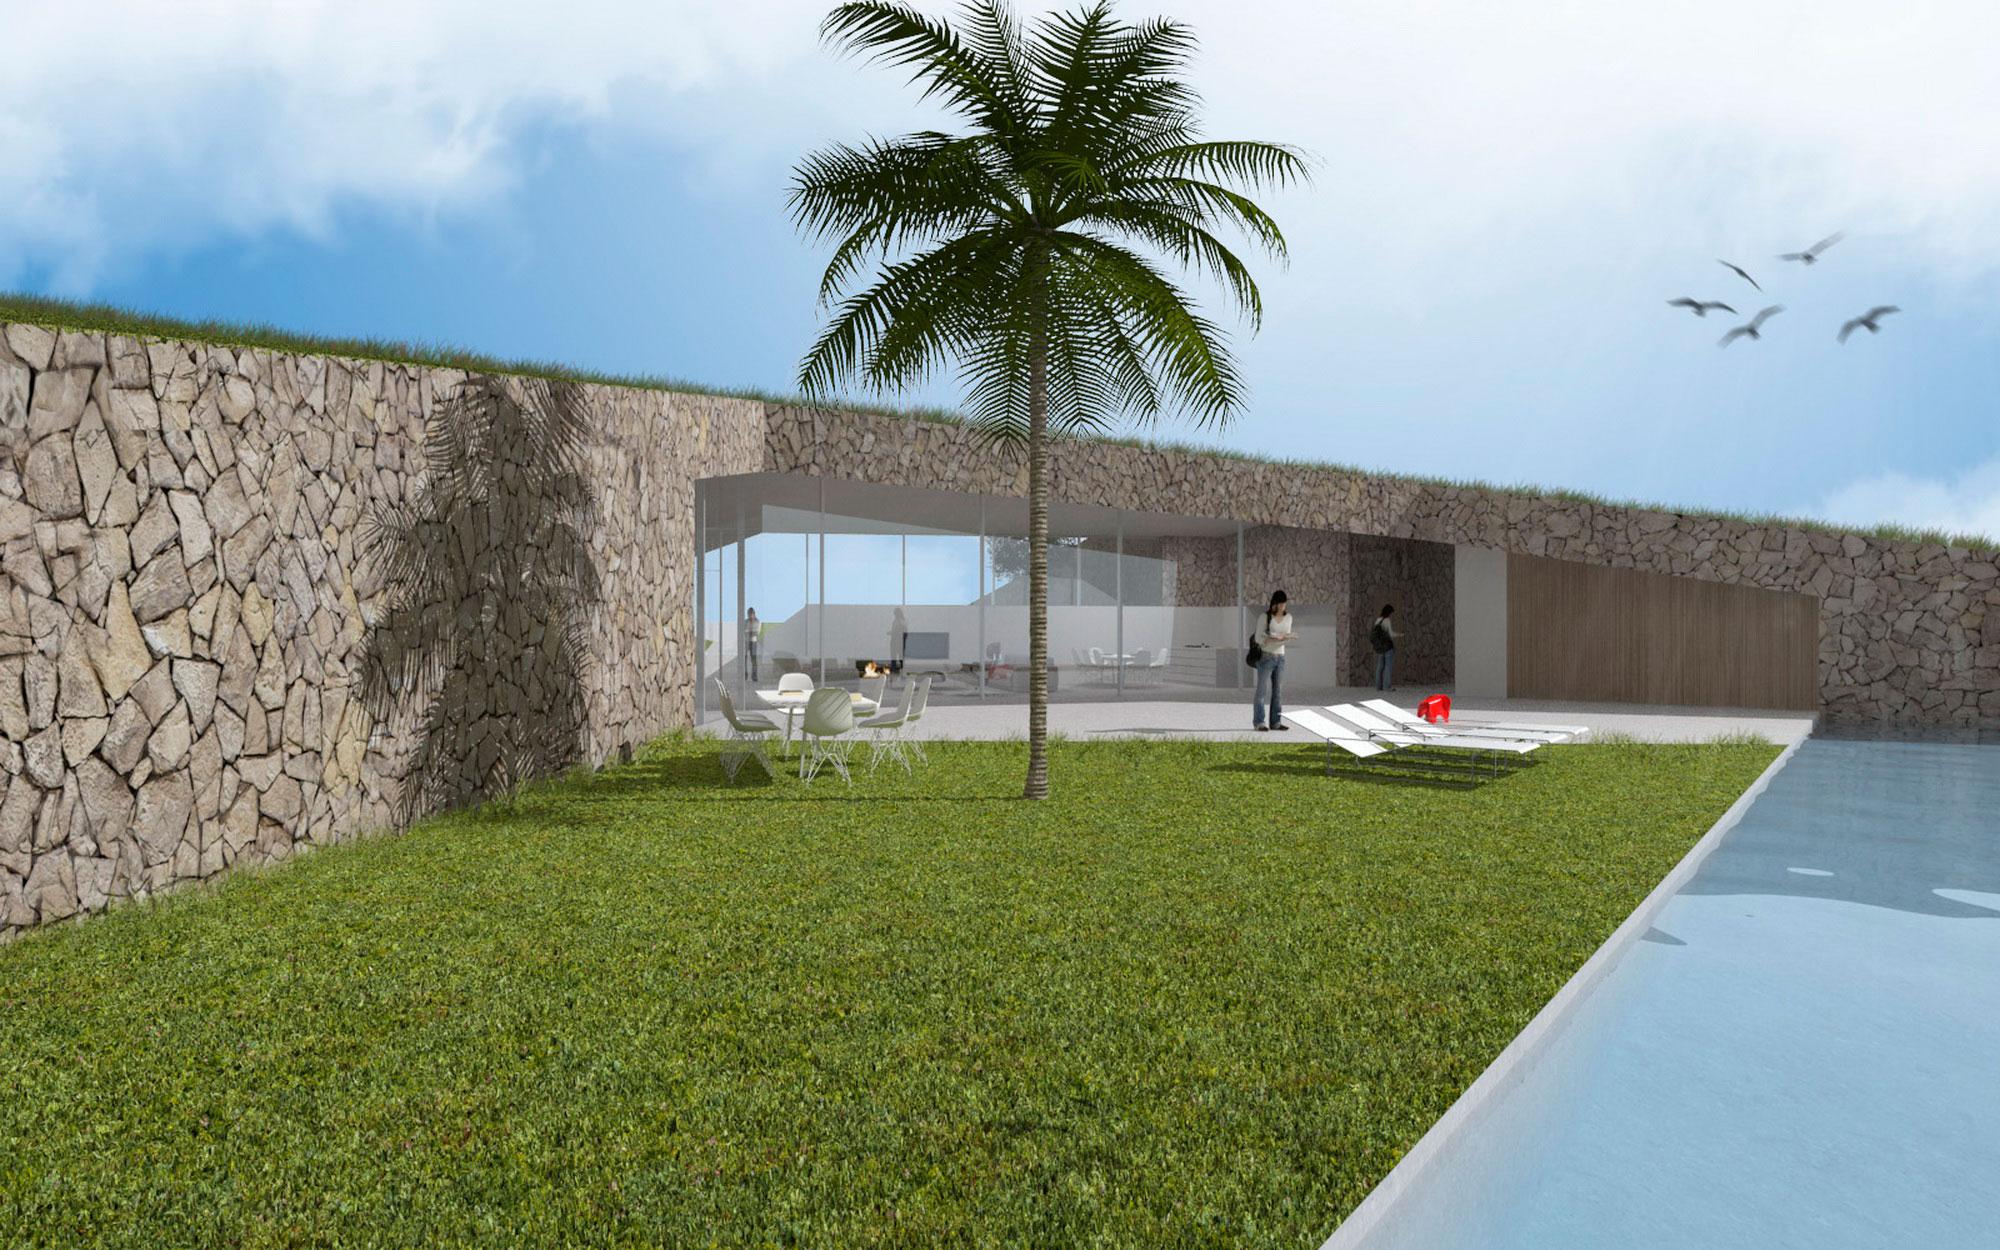 Vivienda Unifamiliar. Casa entorno. Casa ecológica. Arquitectos Alicante. eneseis Arquitectura